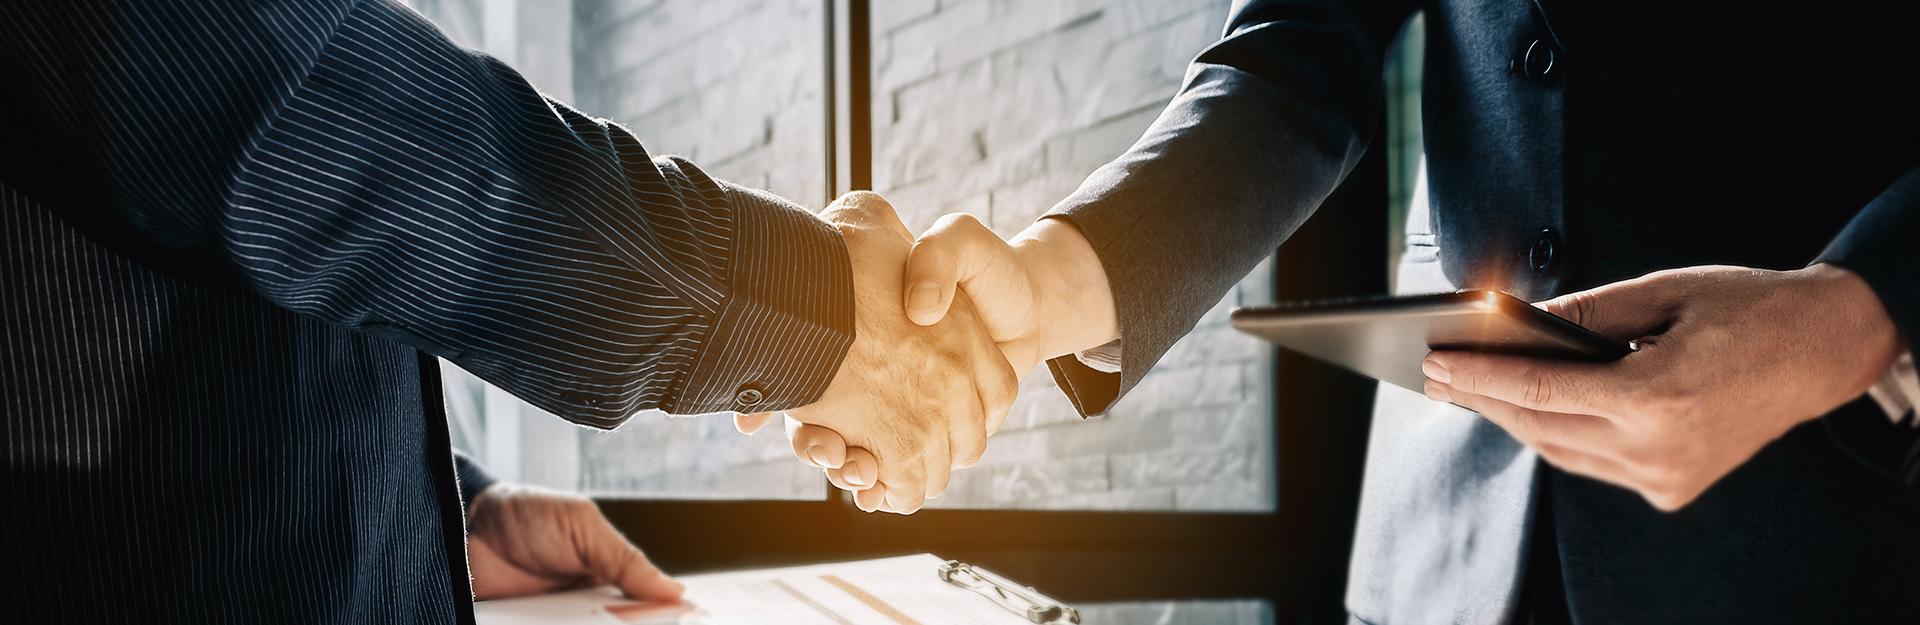 Dos hombres estrechan la mano en una oficina.